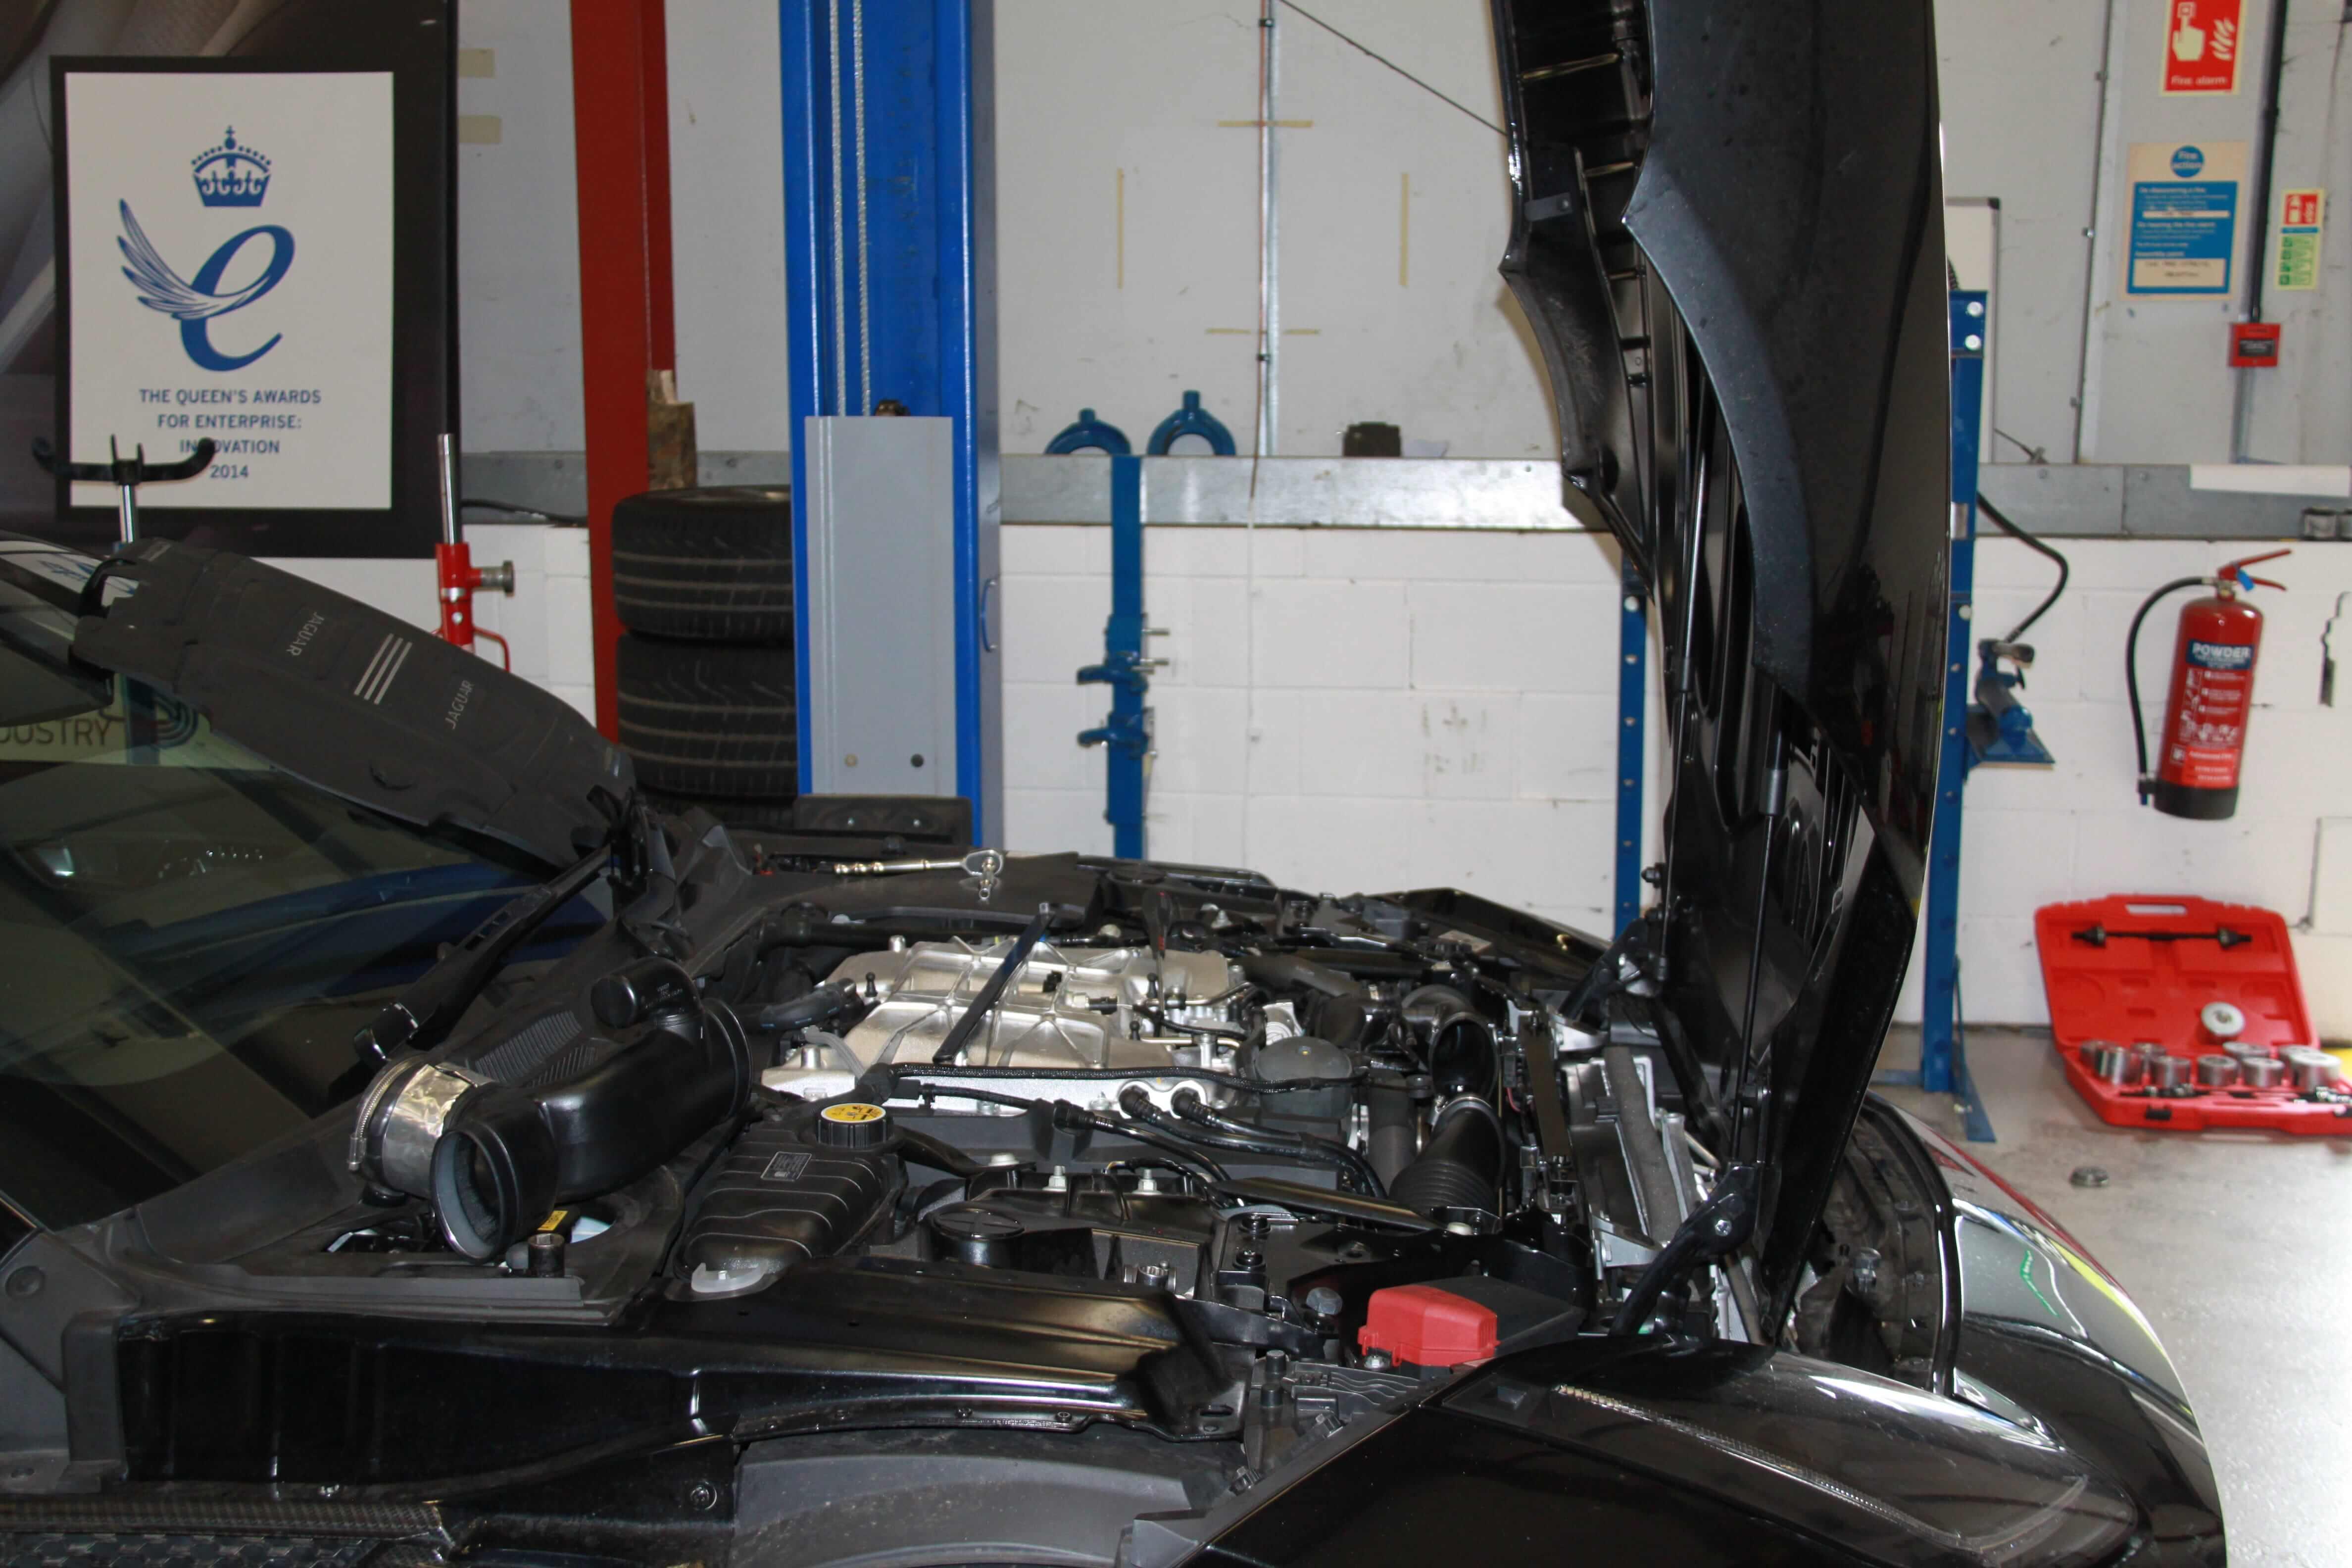 jaguar workshop and service